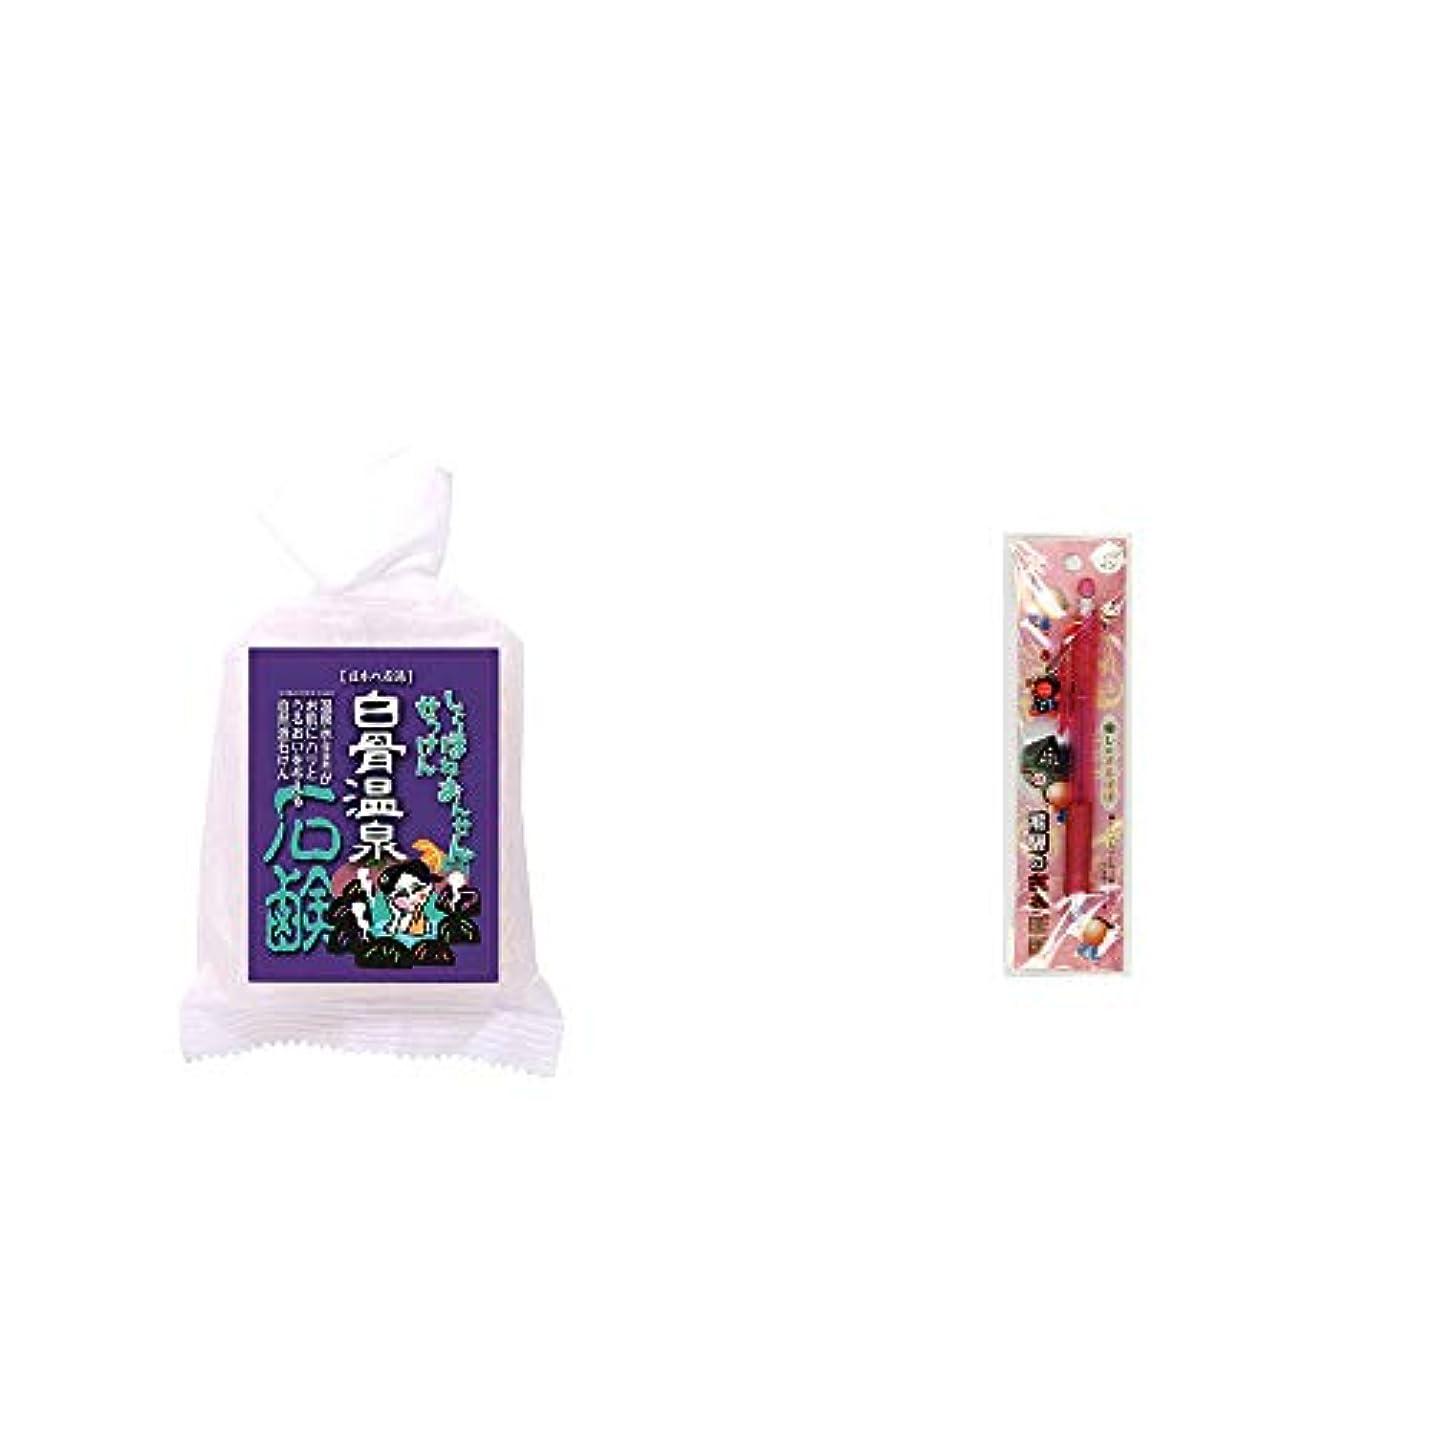 賛辞郵便屋さん神経[2点セット] 信州 白骨温泉石鹸(80g)?さるぼぼ 癒しシャープペン 【ピンク】